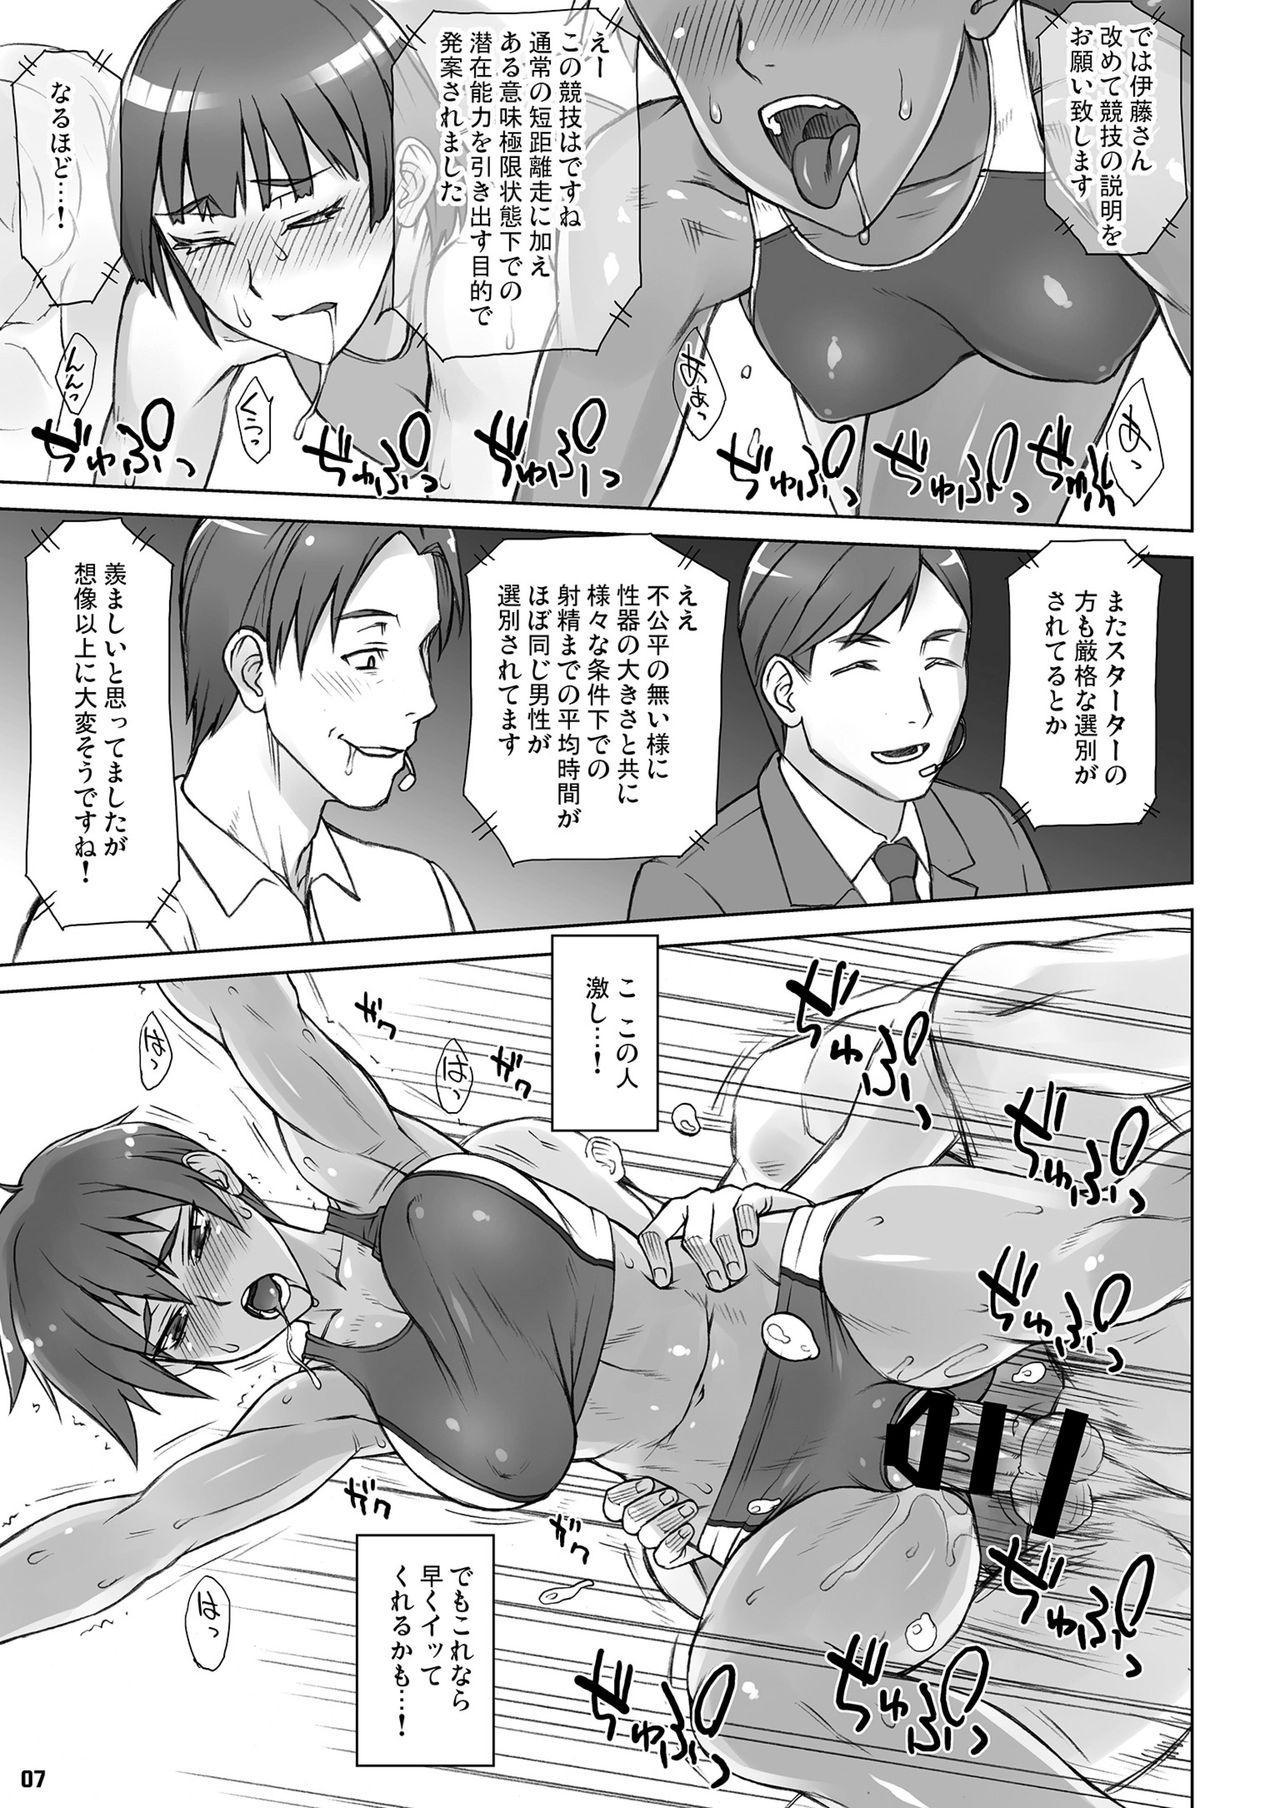 Shidoukan Crouching 5